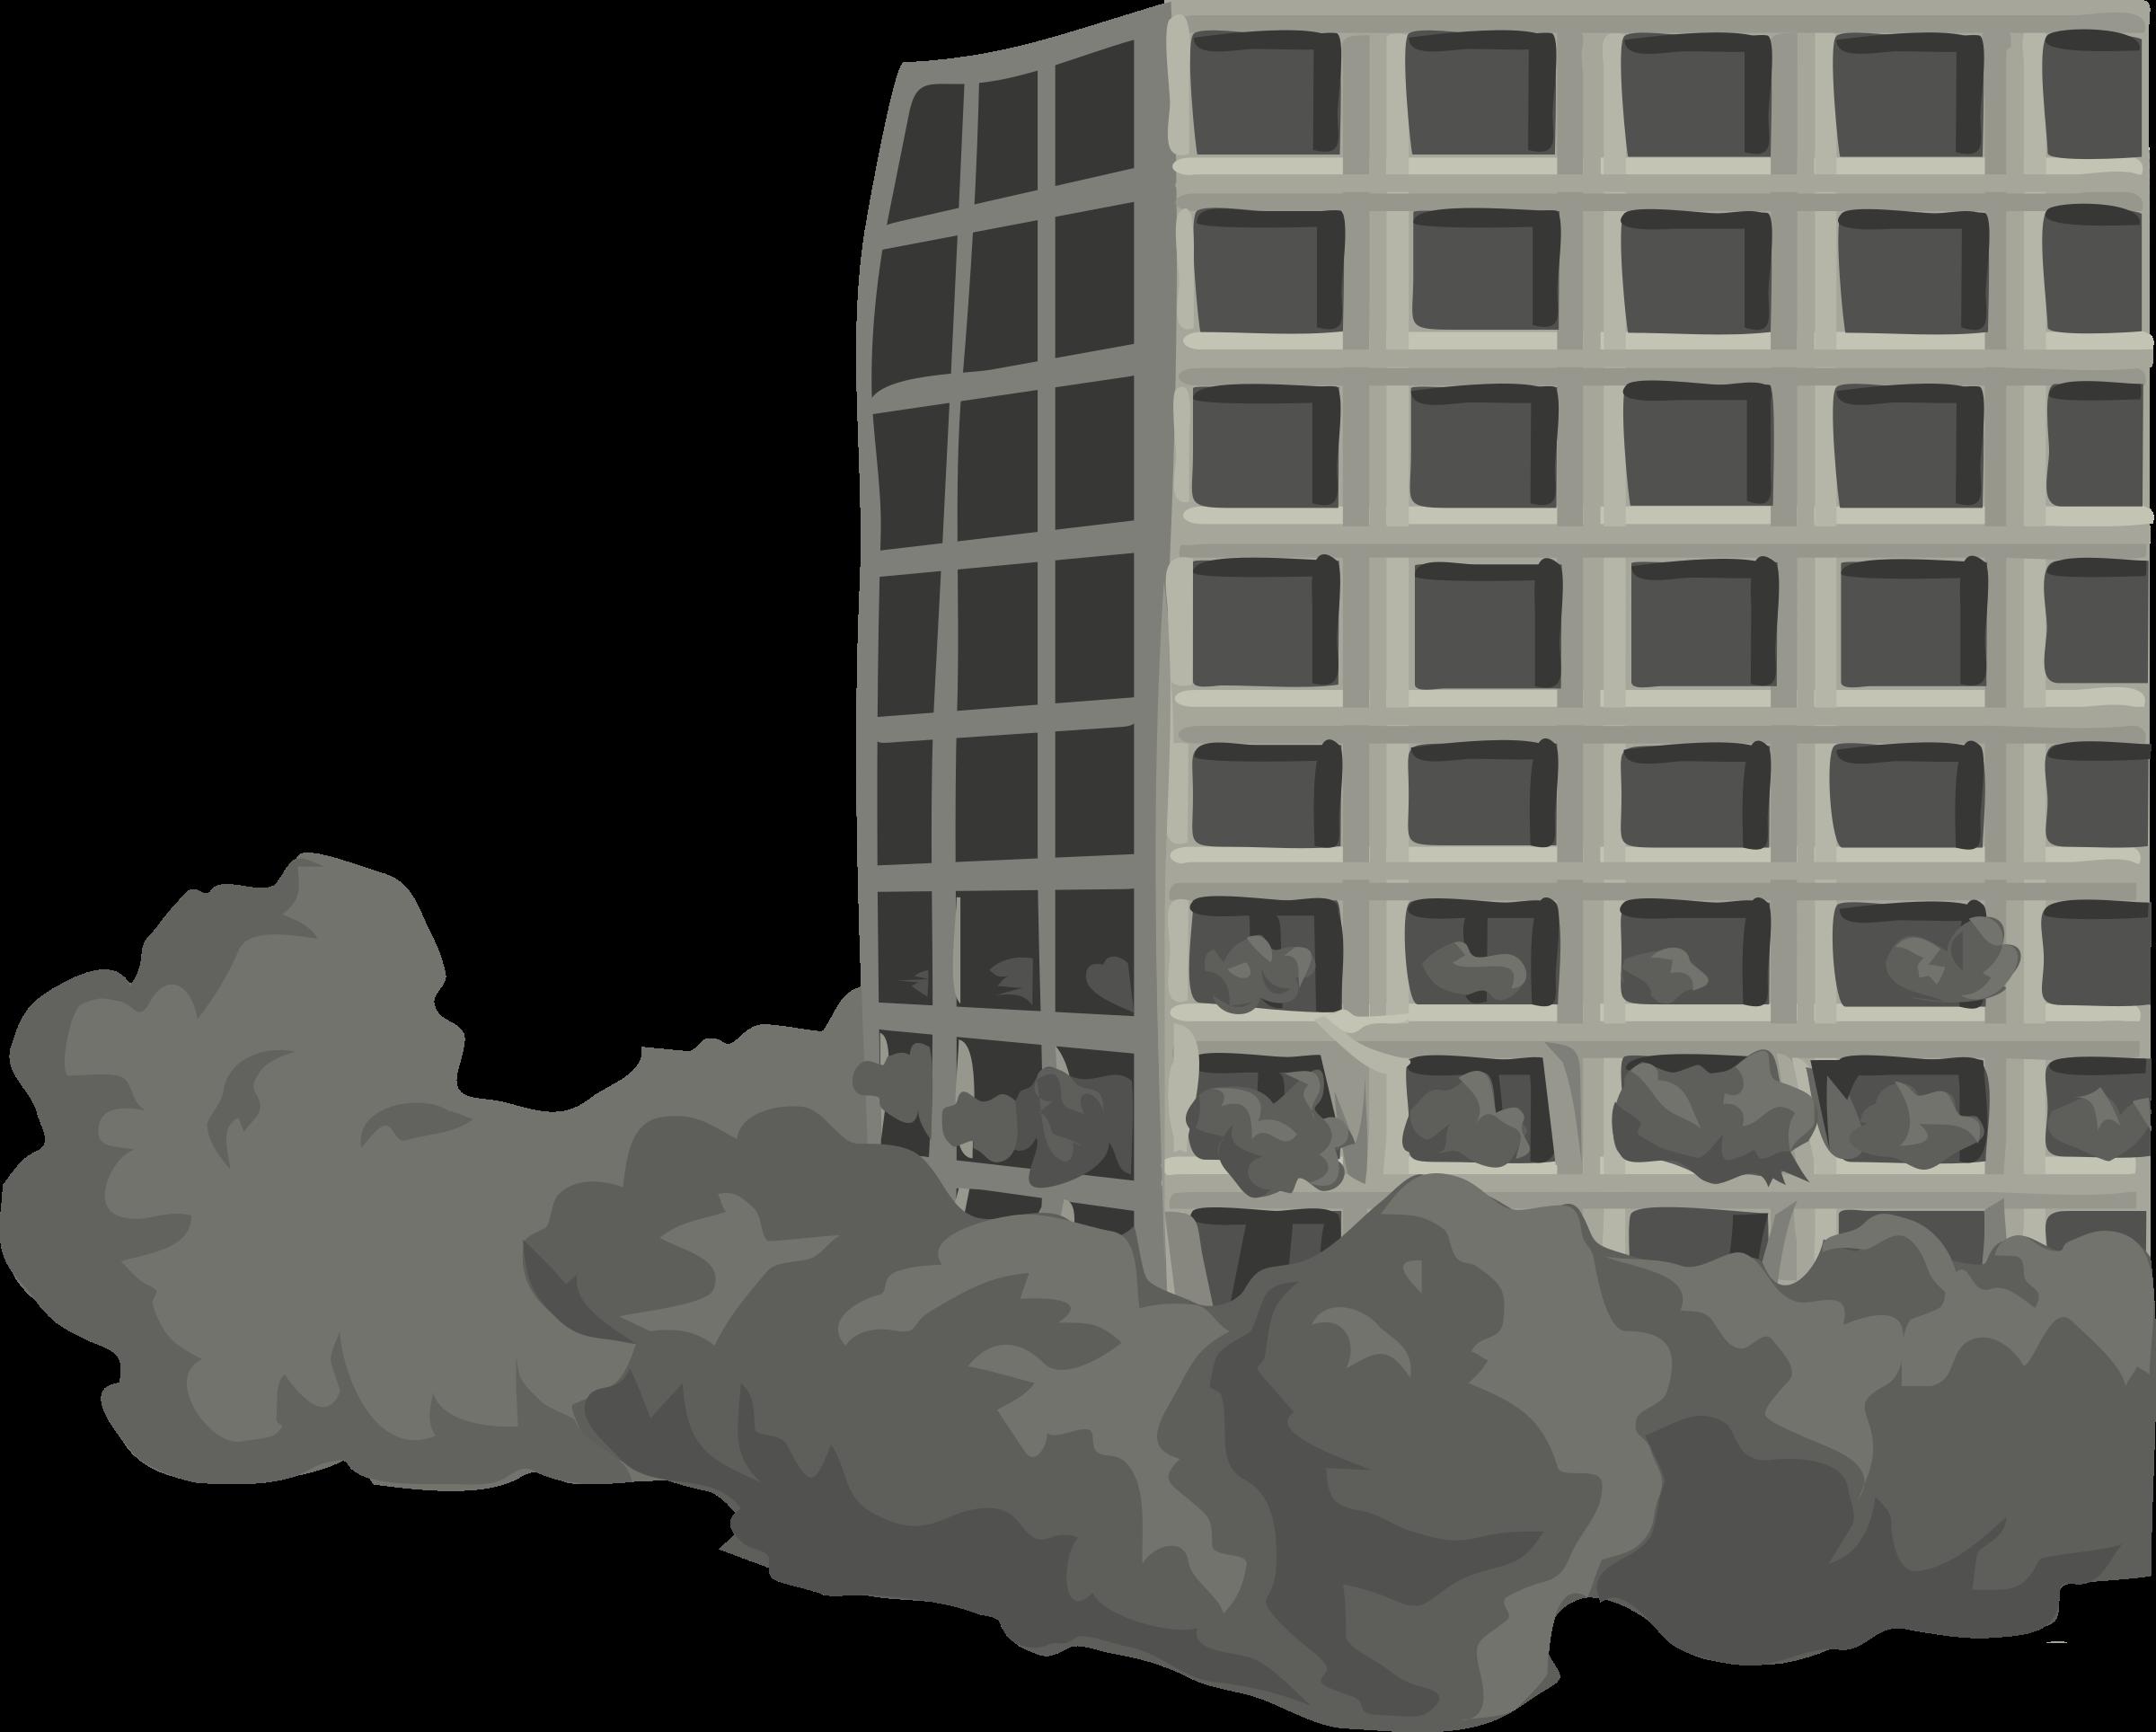 Building Demolition Cartoon : Clipart architetto demolizione